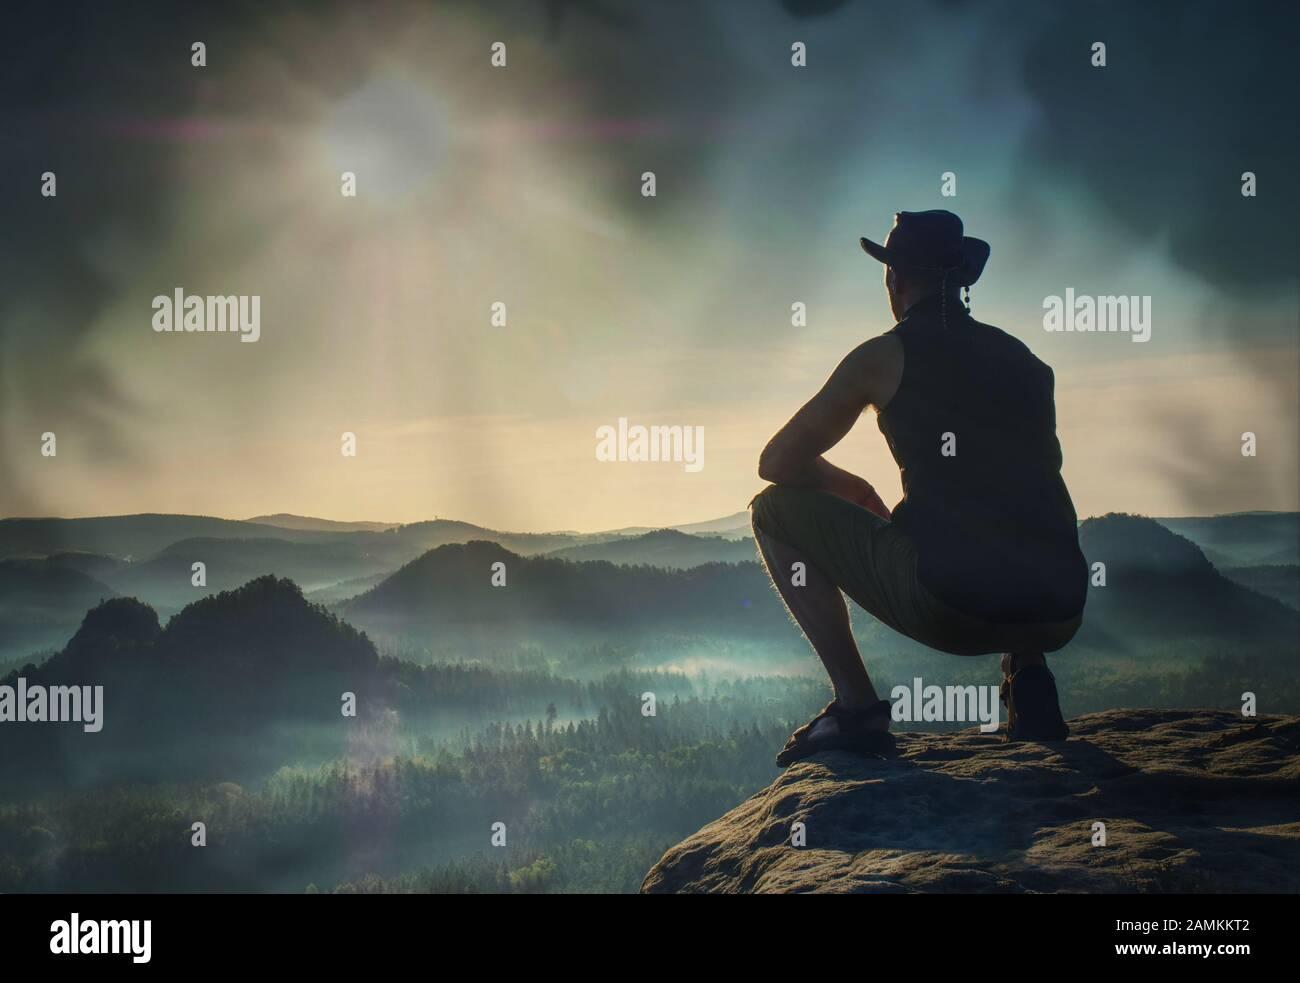 Escalador busca en el paisaje desde la Cumbre afiladas. Filtro abstracta. Foto de stock